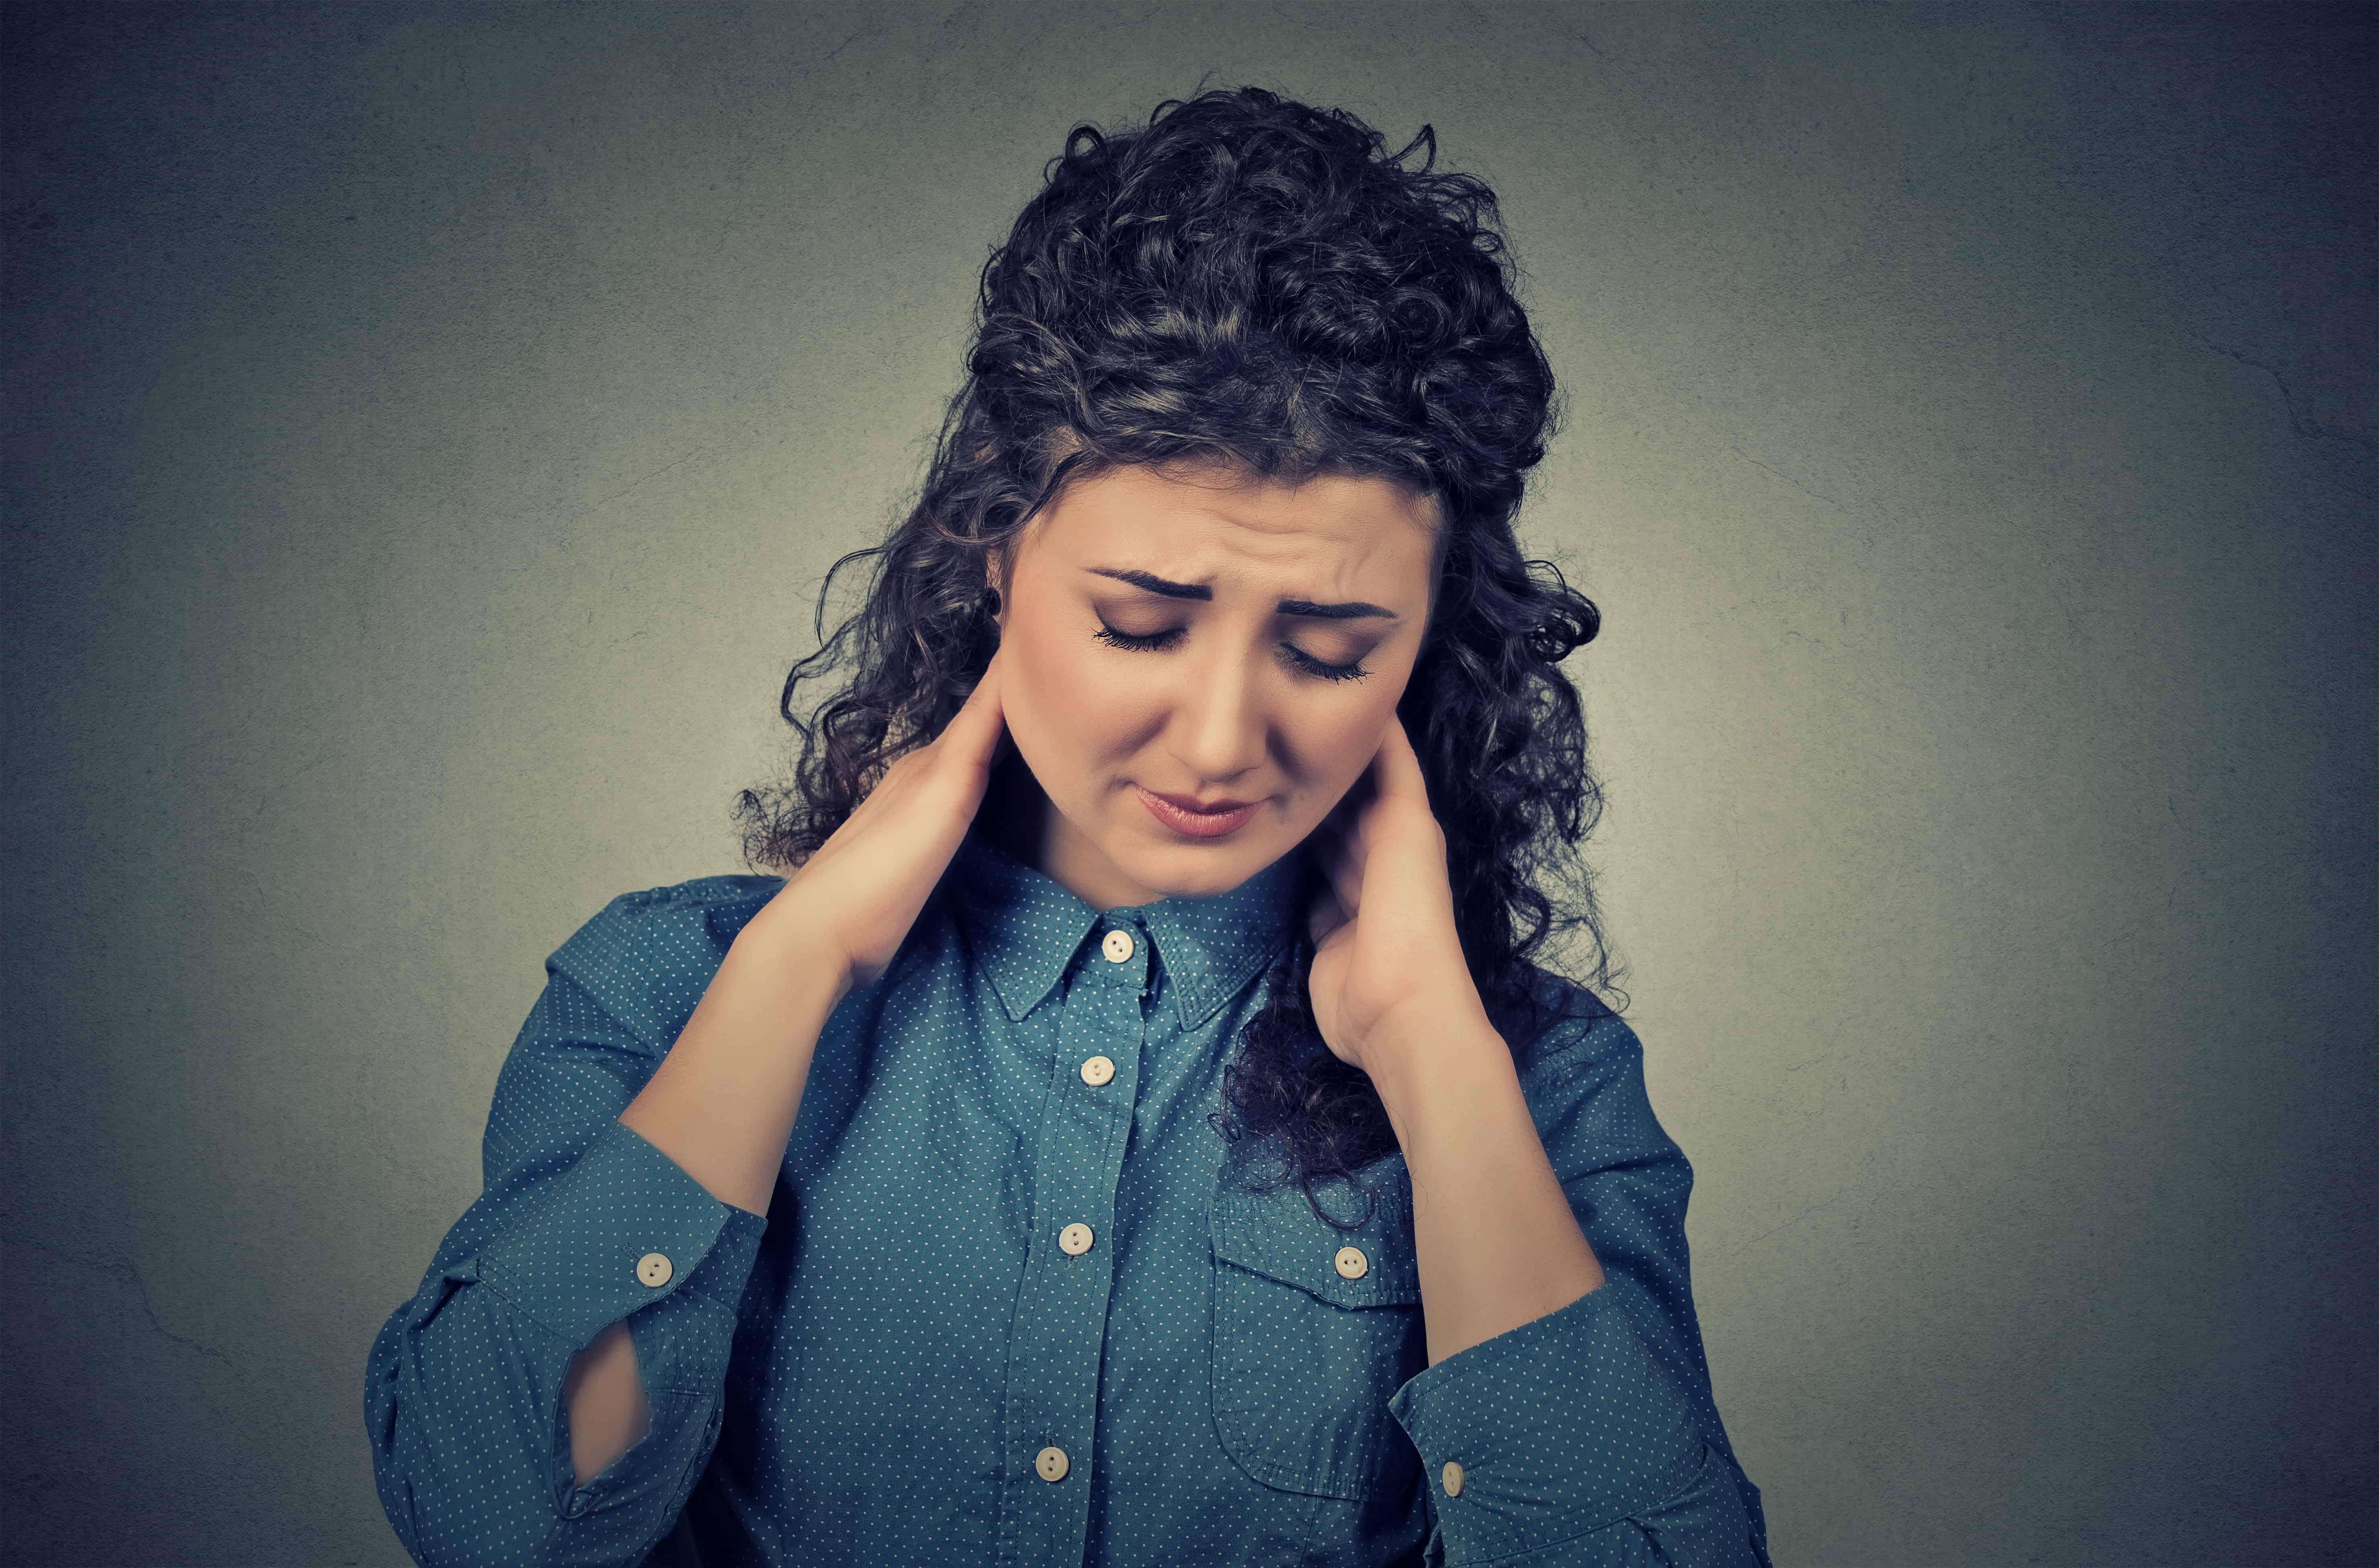 Fibromyalgie: Mit der richtigen Behandlung zu mehr Lebensqualität